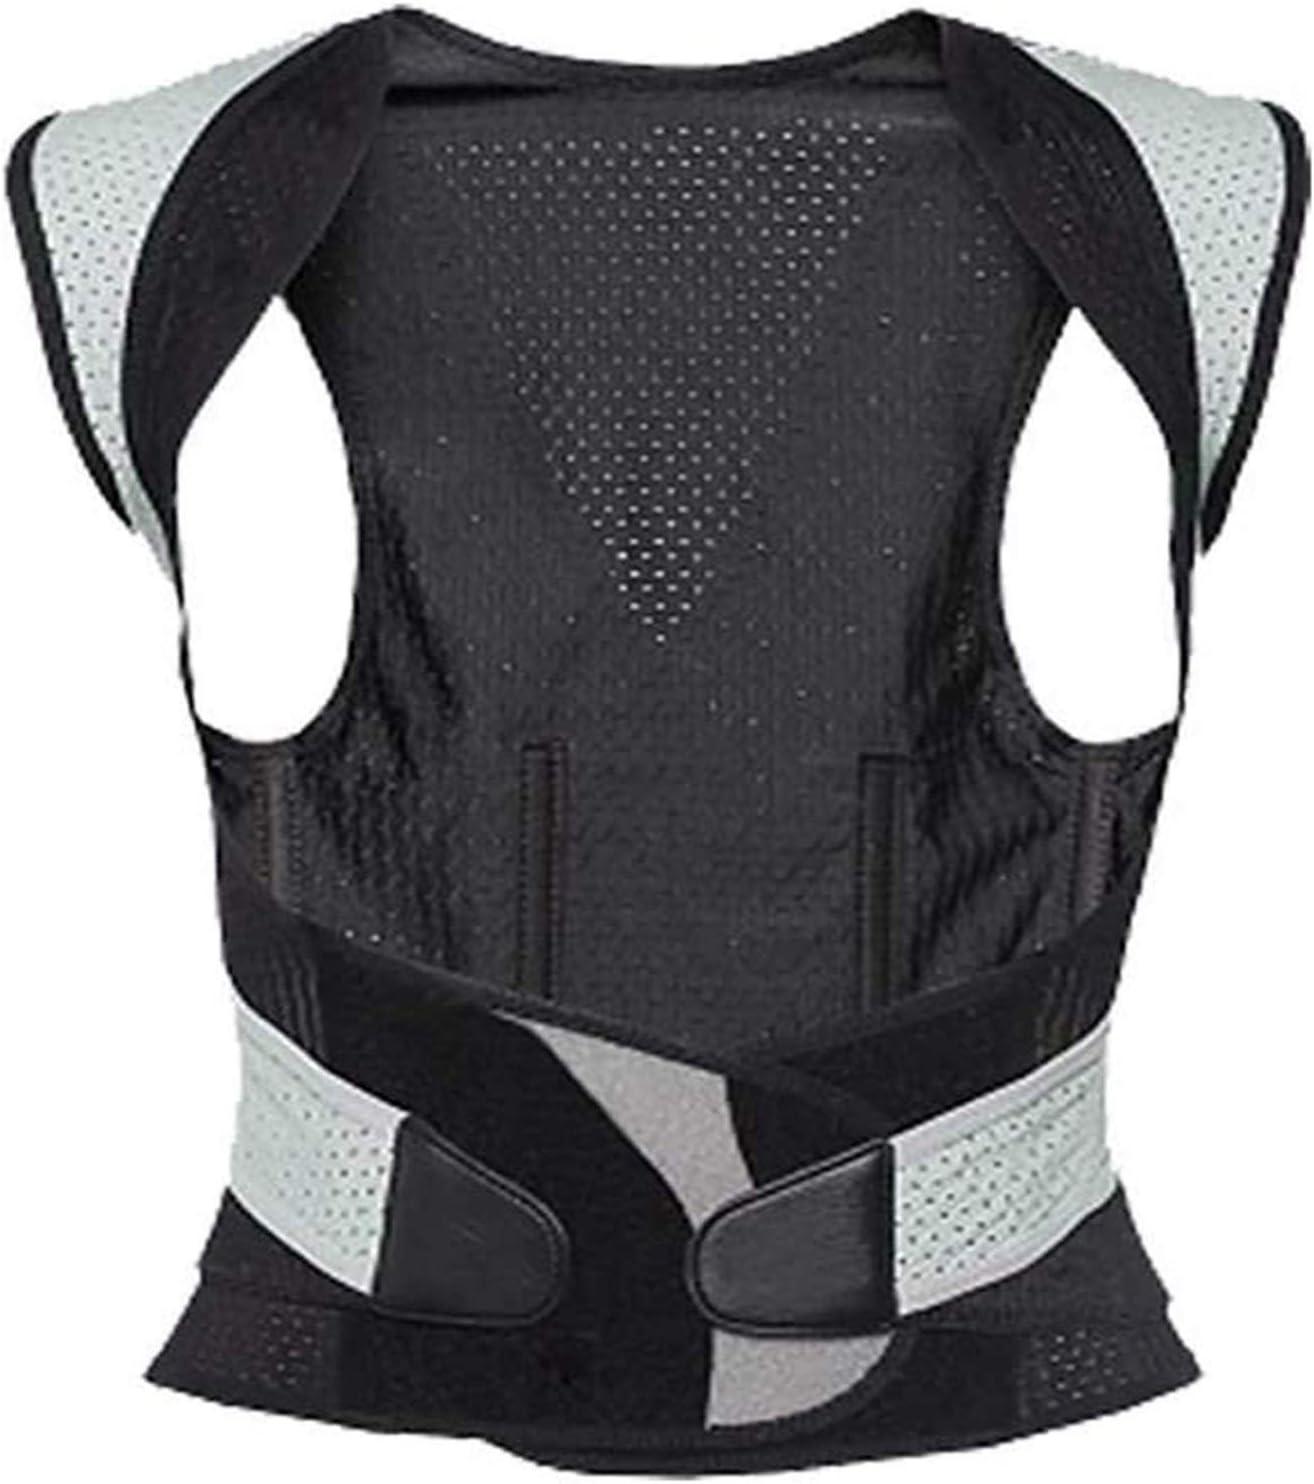 Órtesis de espalda Universal for adultos de Corrección soportes de la espalda jorobada cinturones for los niños de los hombres y corrección de la postura Jorobado de las mujeres correa de cintura for